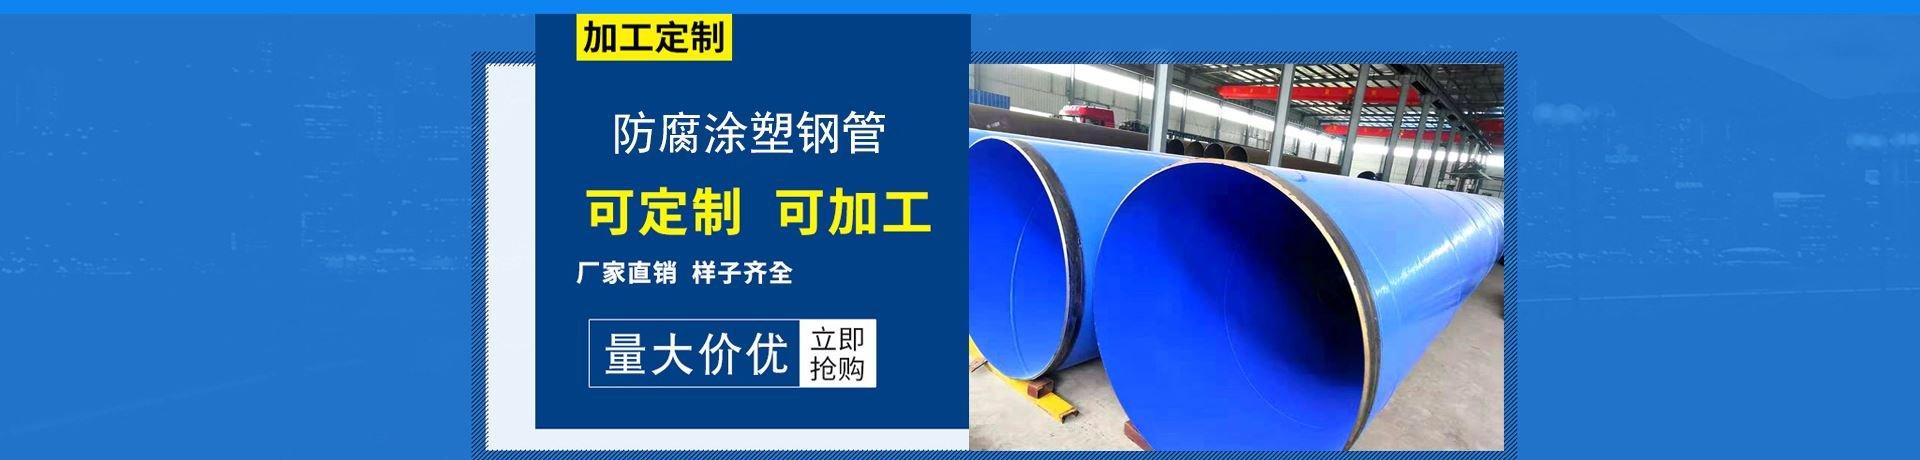 排水用涂塑复合钢管